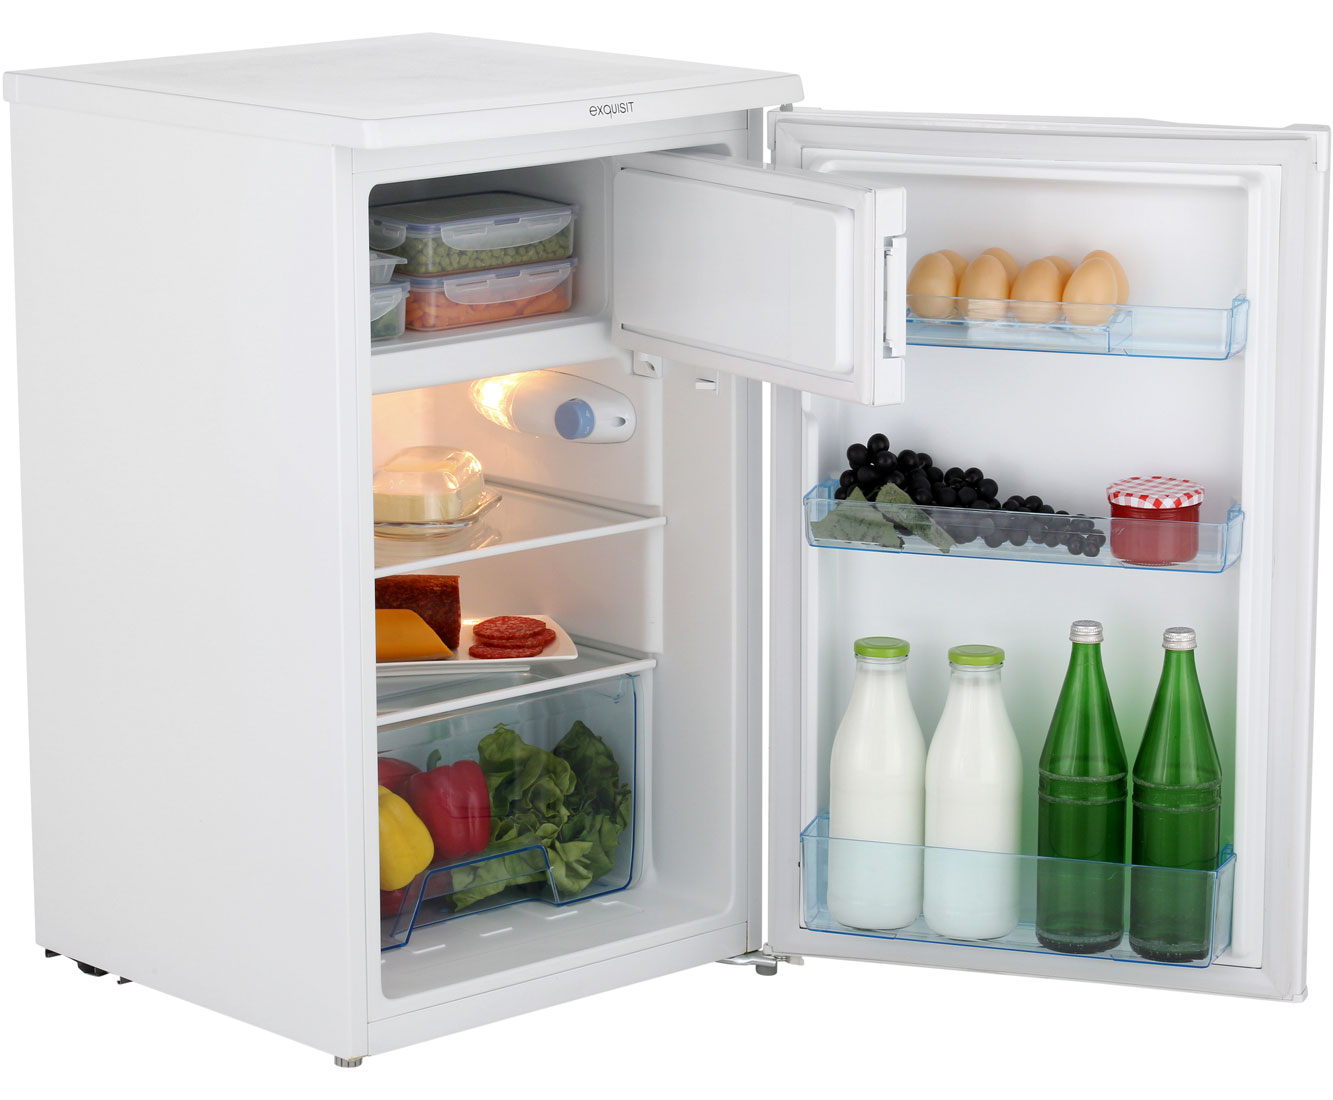 Mini Kühlschrank Unter 100 Euro : Exquisit ks 124 3 a kühlschrank mit gefrierfach weiß a